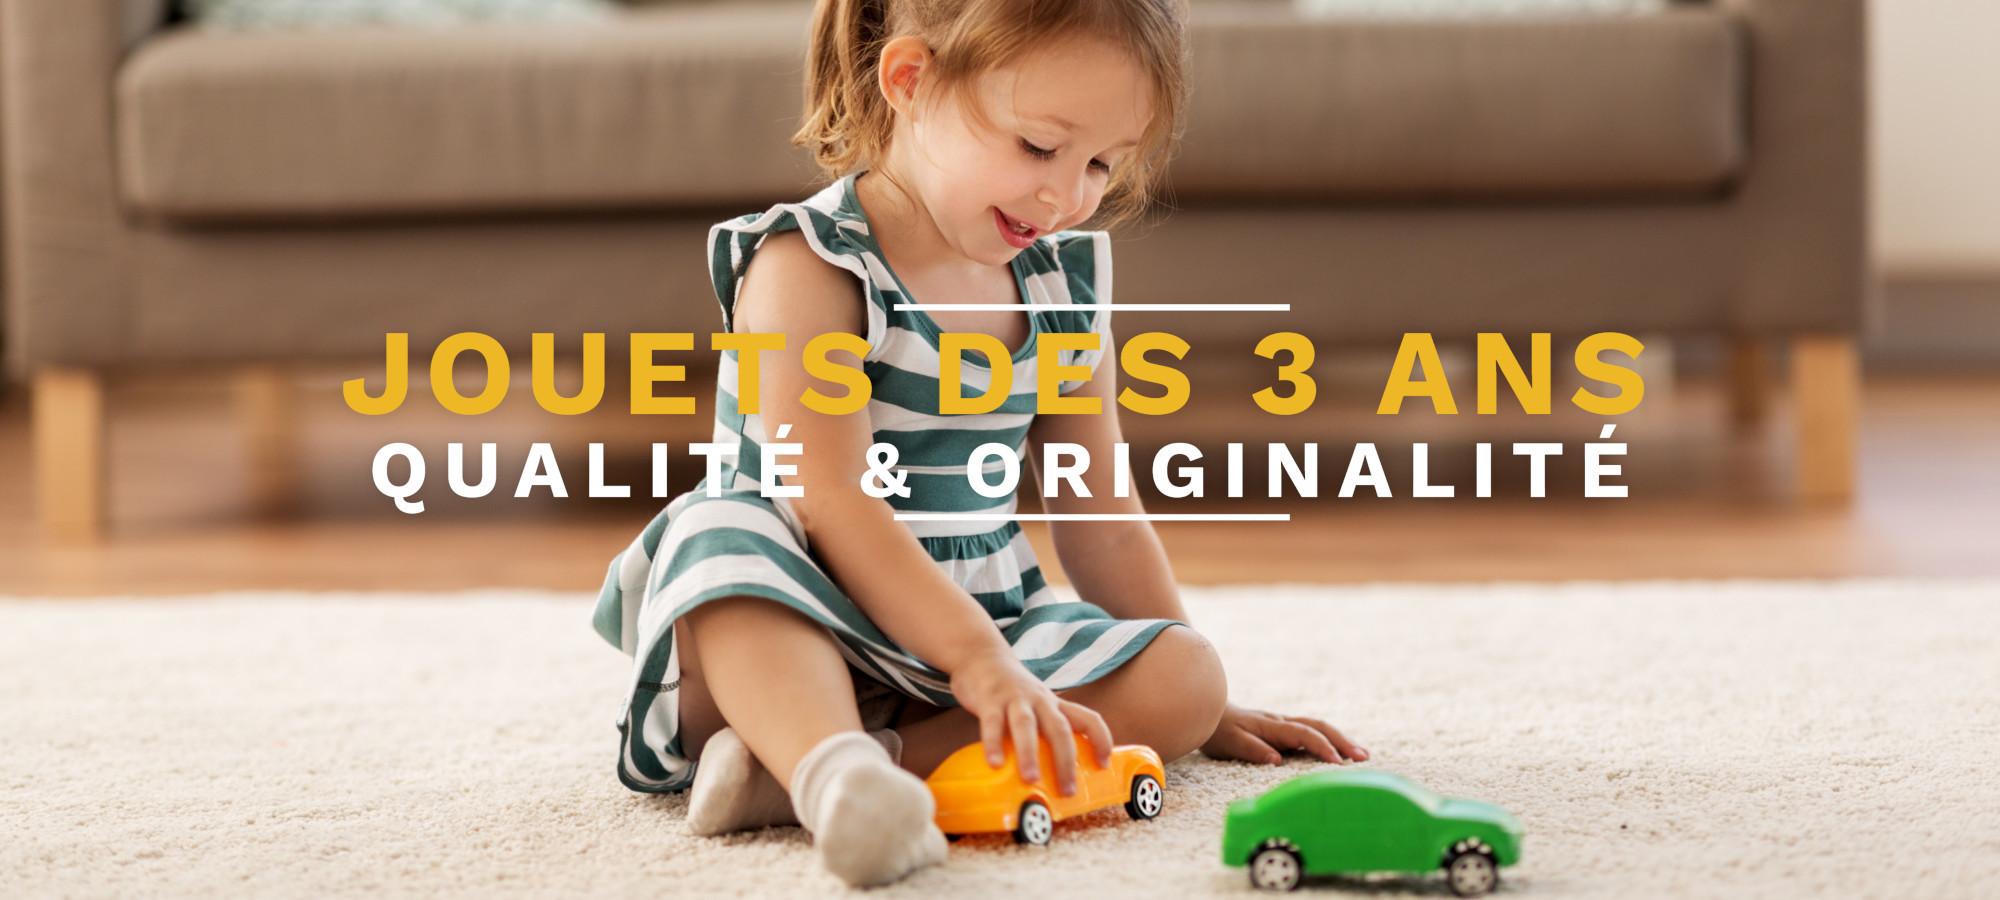 jouets en bois d'inspiration montessori pour enfant de 3 ans - Site FR - Livraison rapide